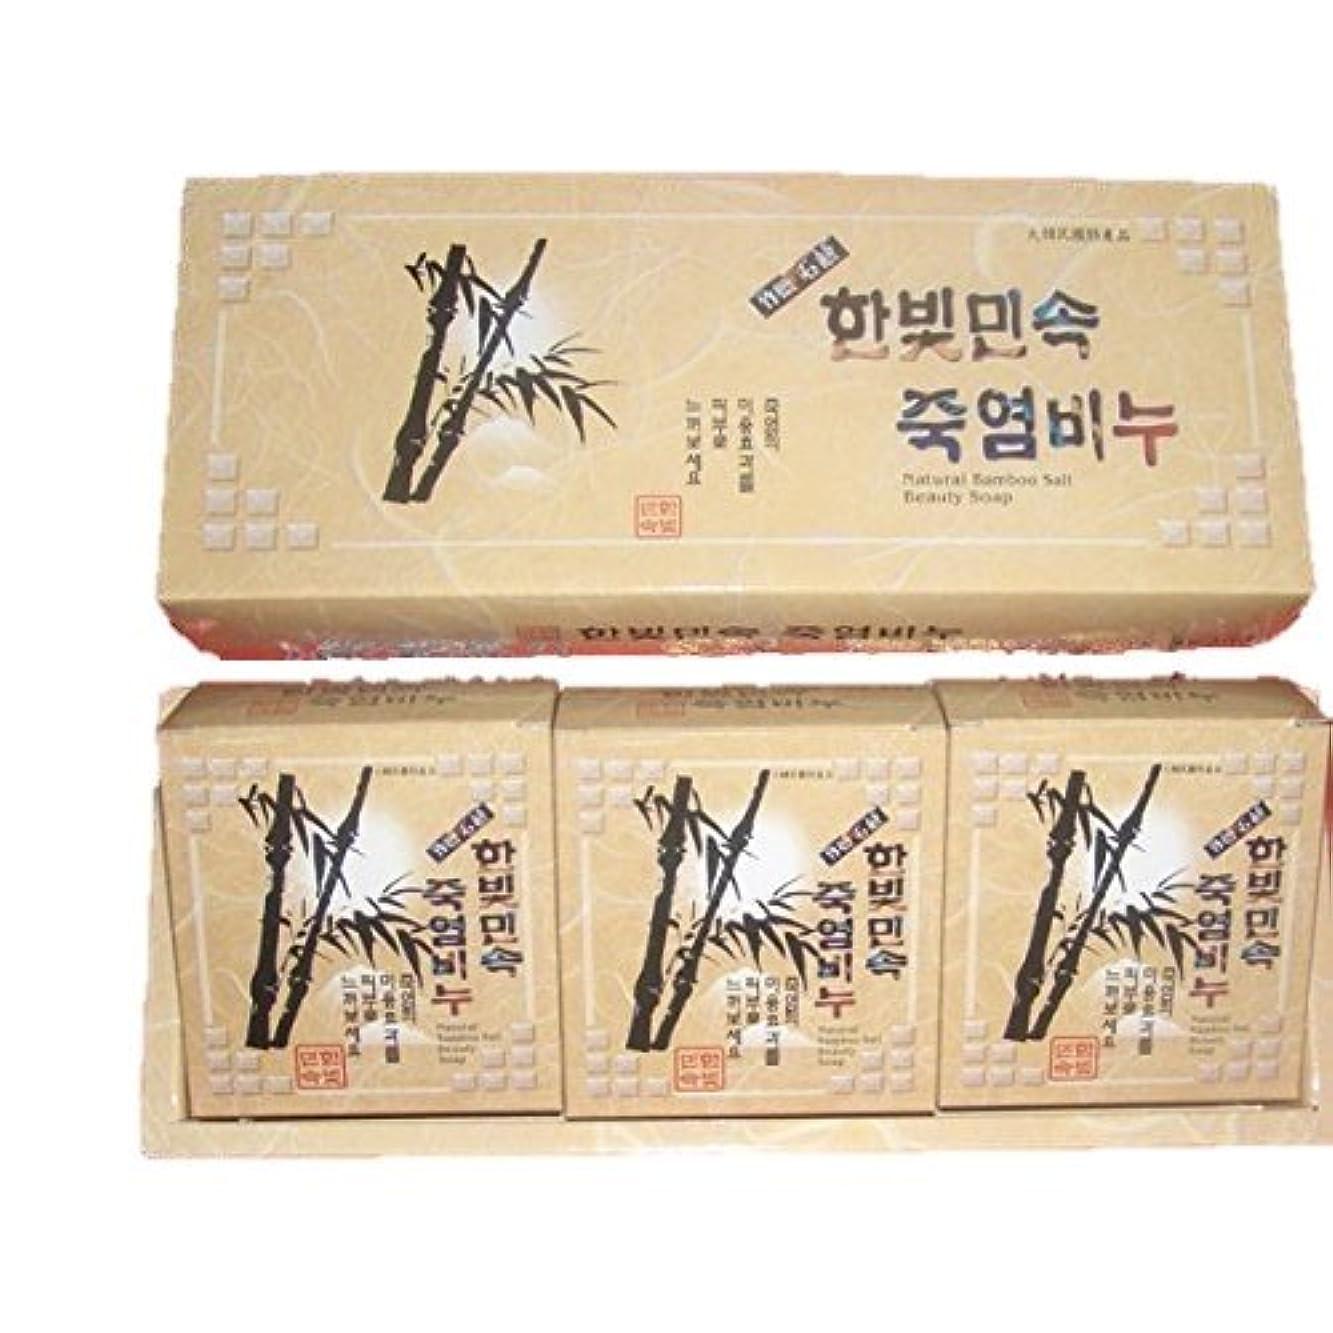 不安定根絶するしなやかな(韓国ブランド) 竹塩石鹸 (3個×3セット)